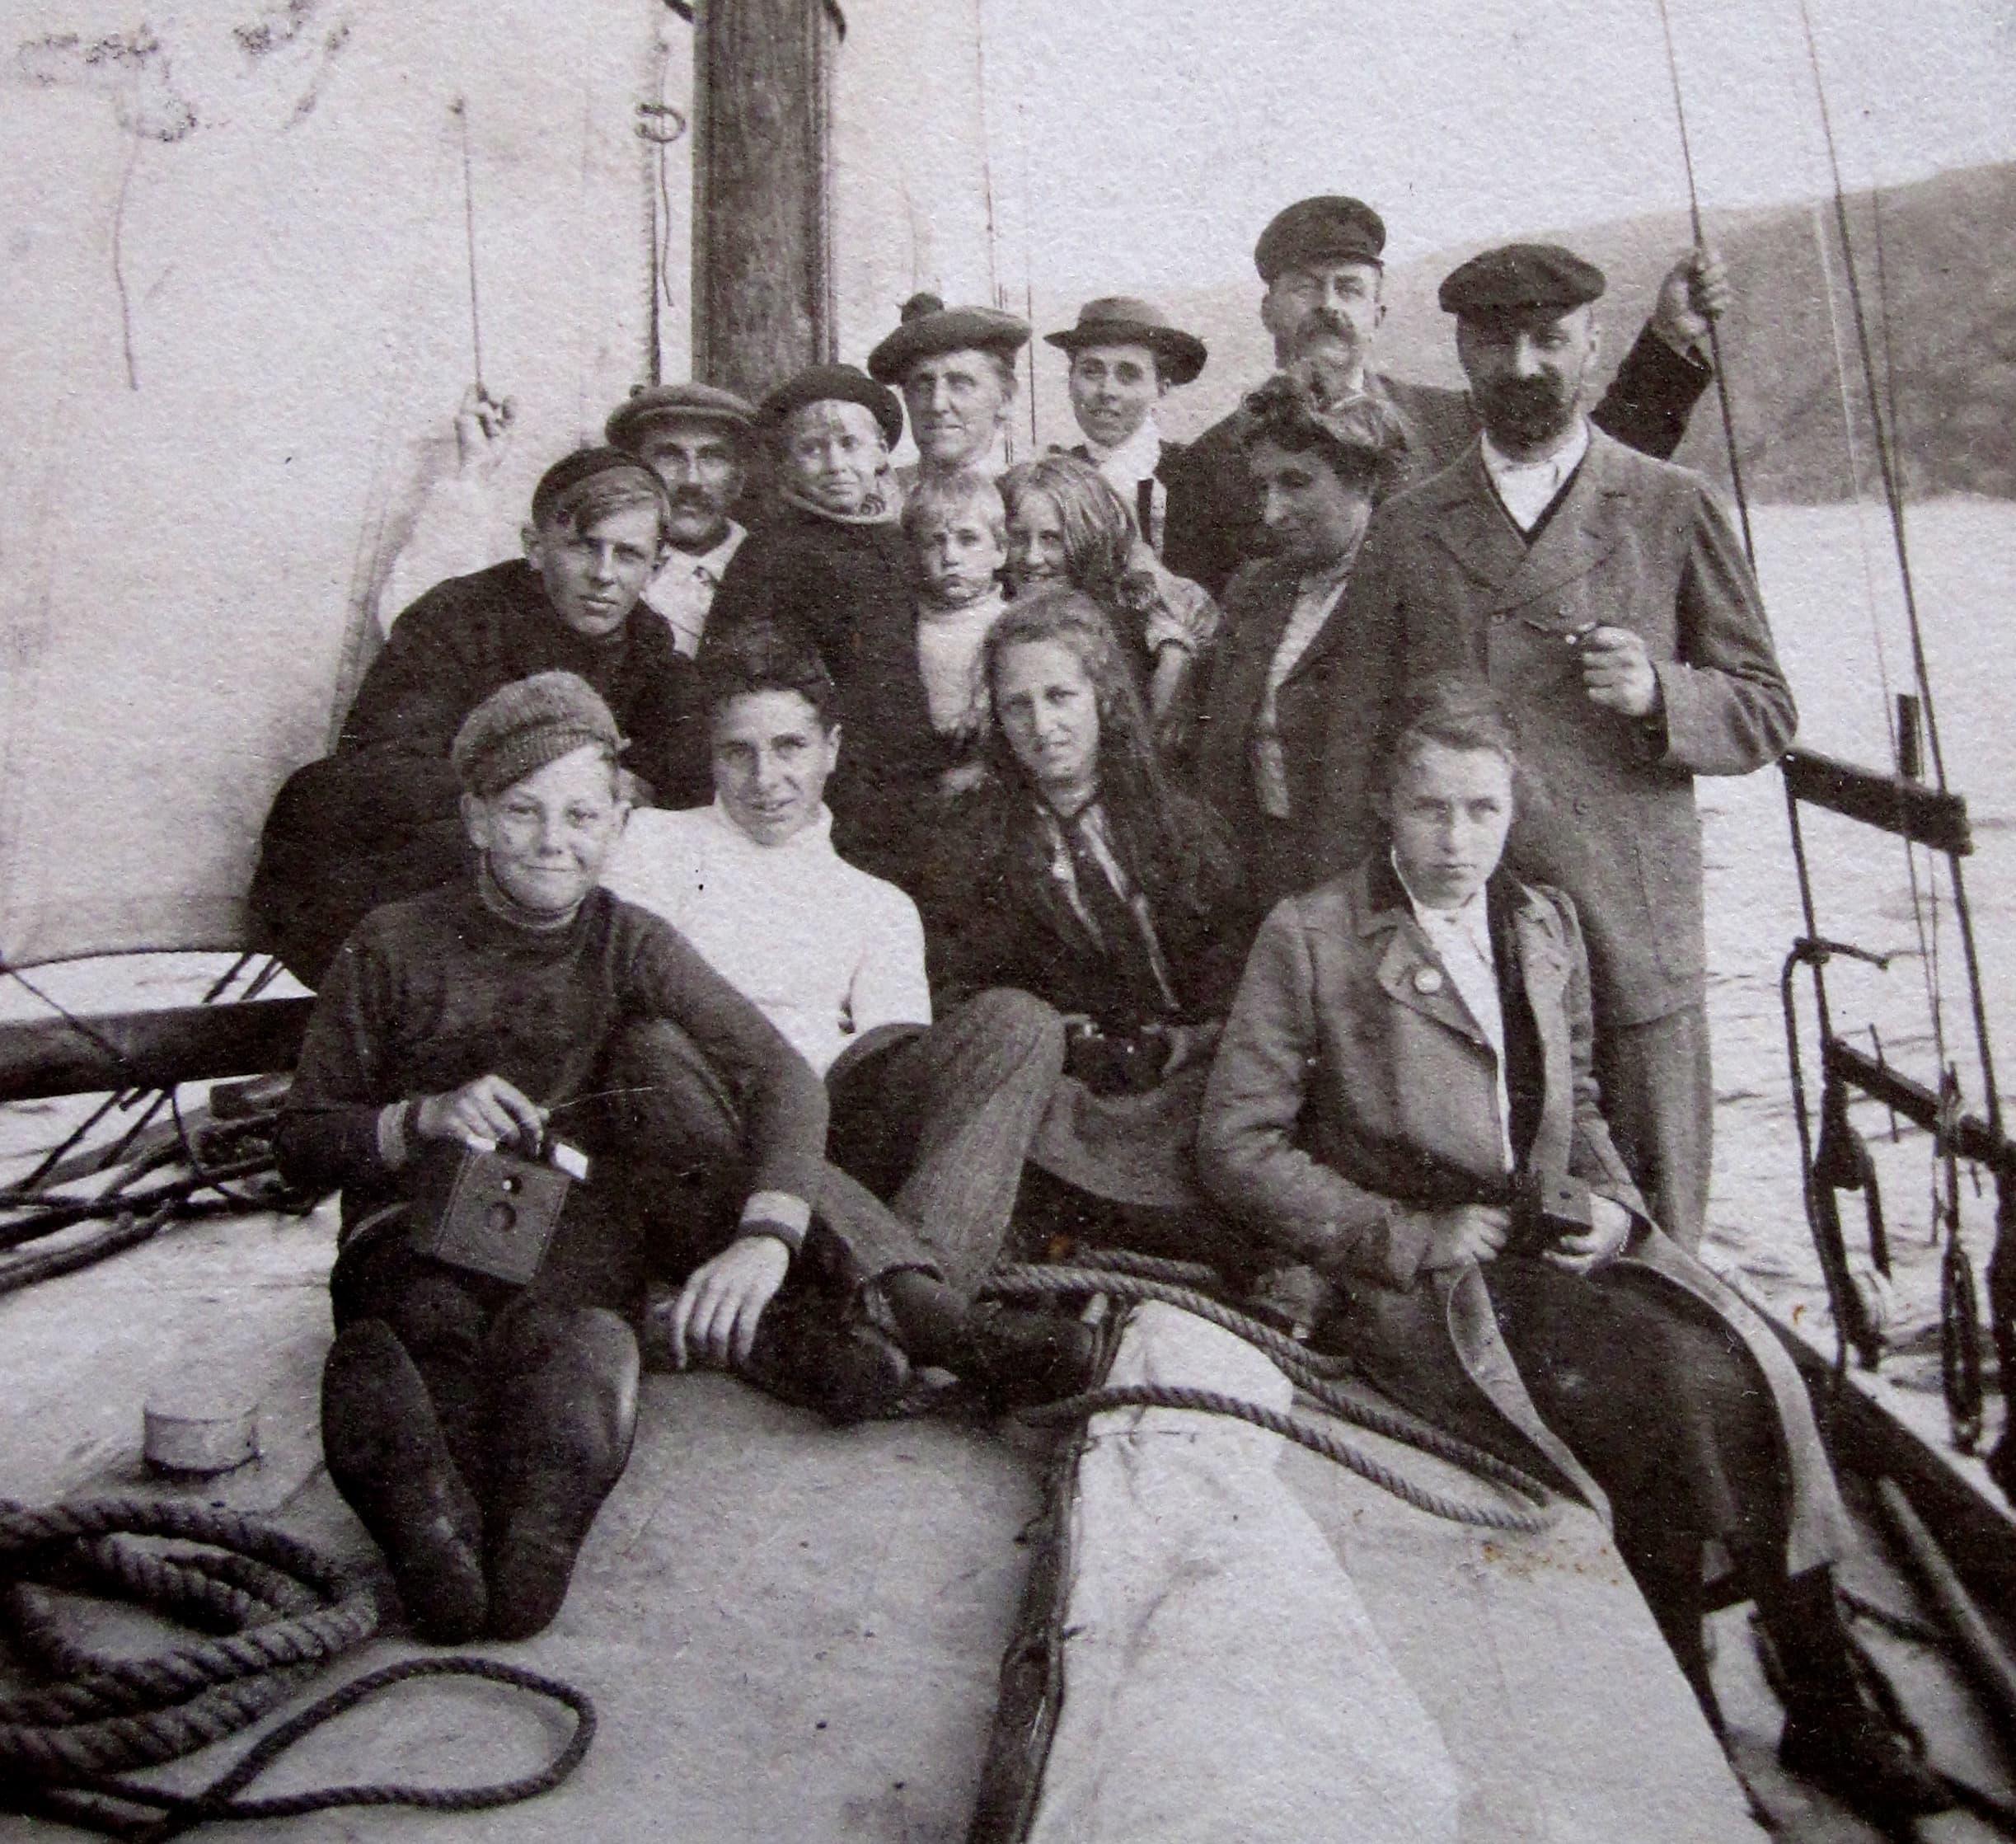 Un groupe de vacanciers pose sur le pont d'un petit bateau.